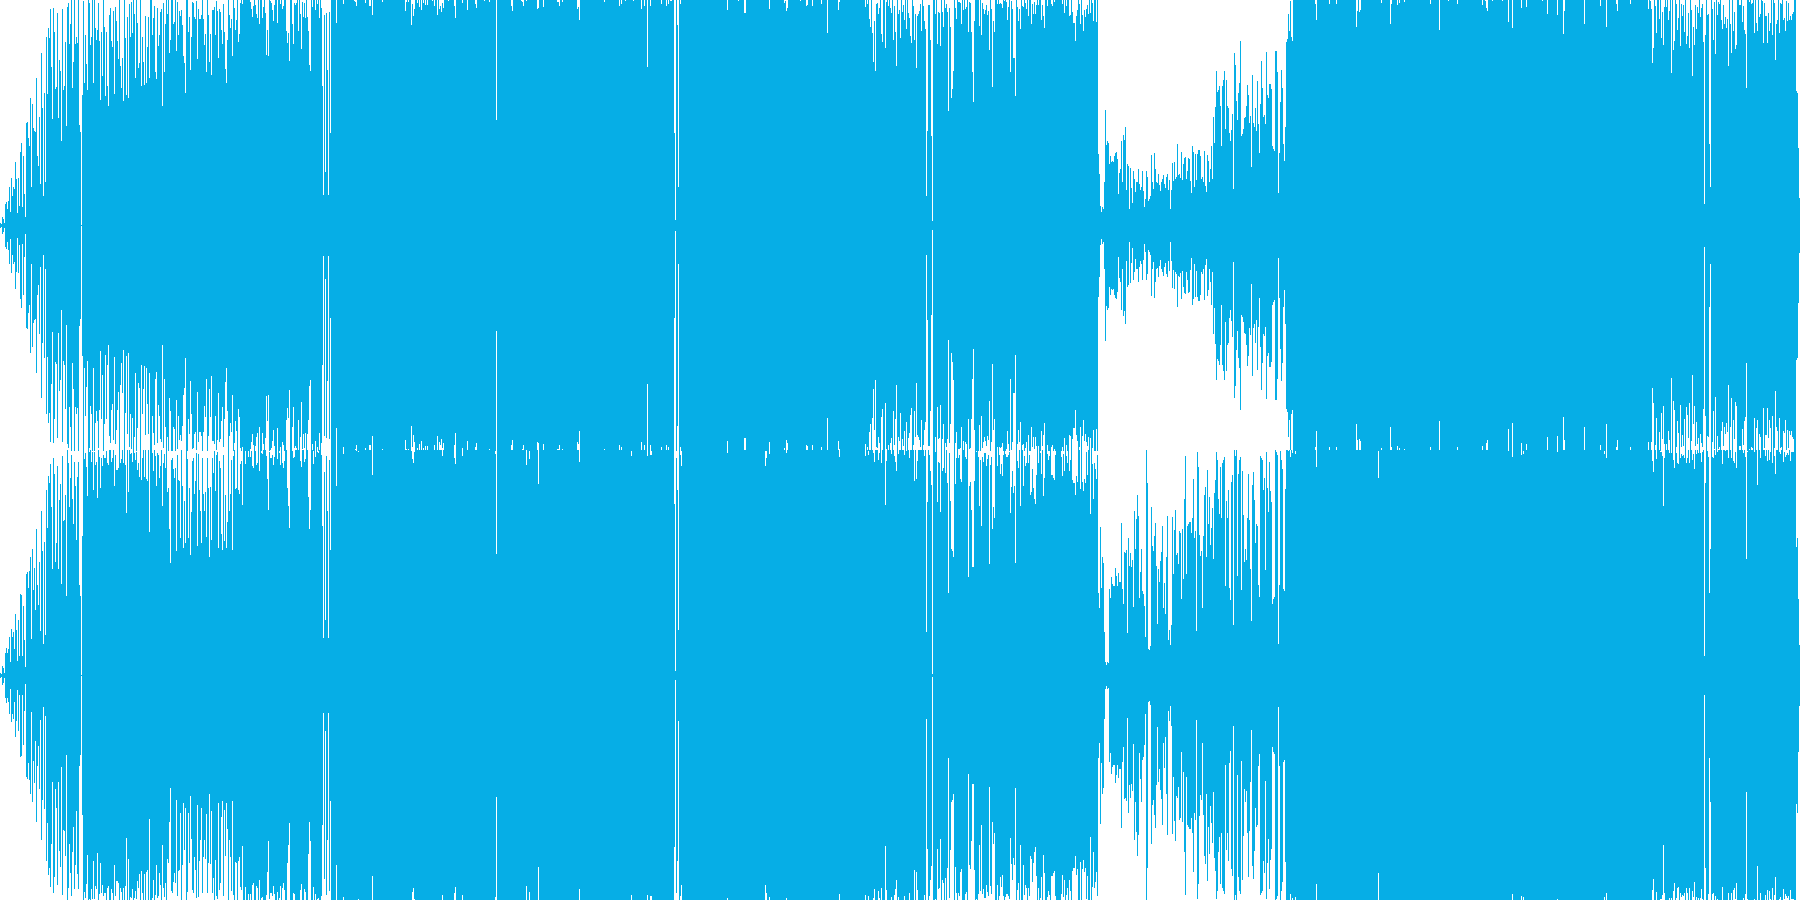 日記ダイアリをテーマにした超ポップソングの再生済みの波形